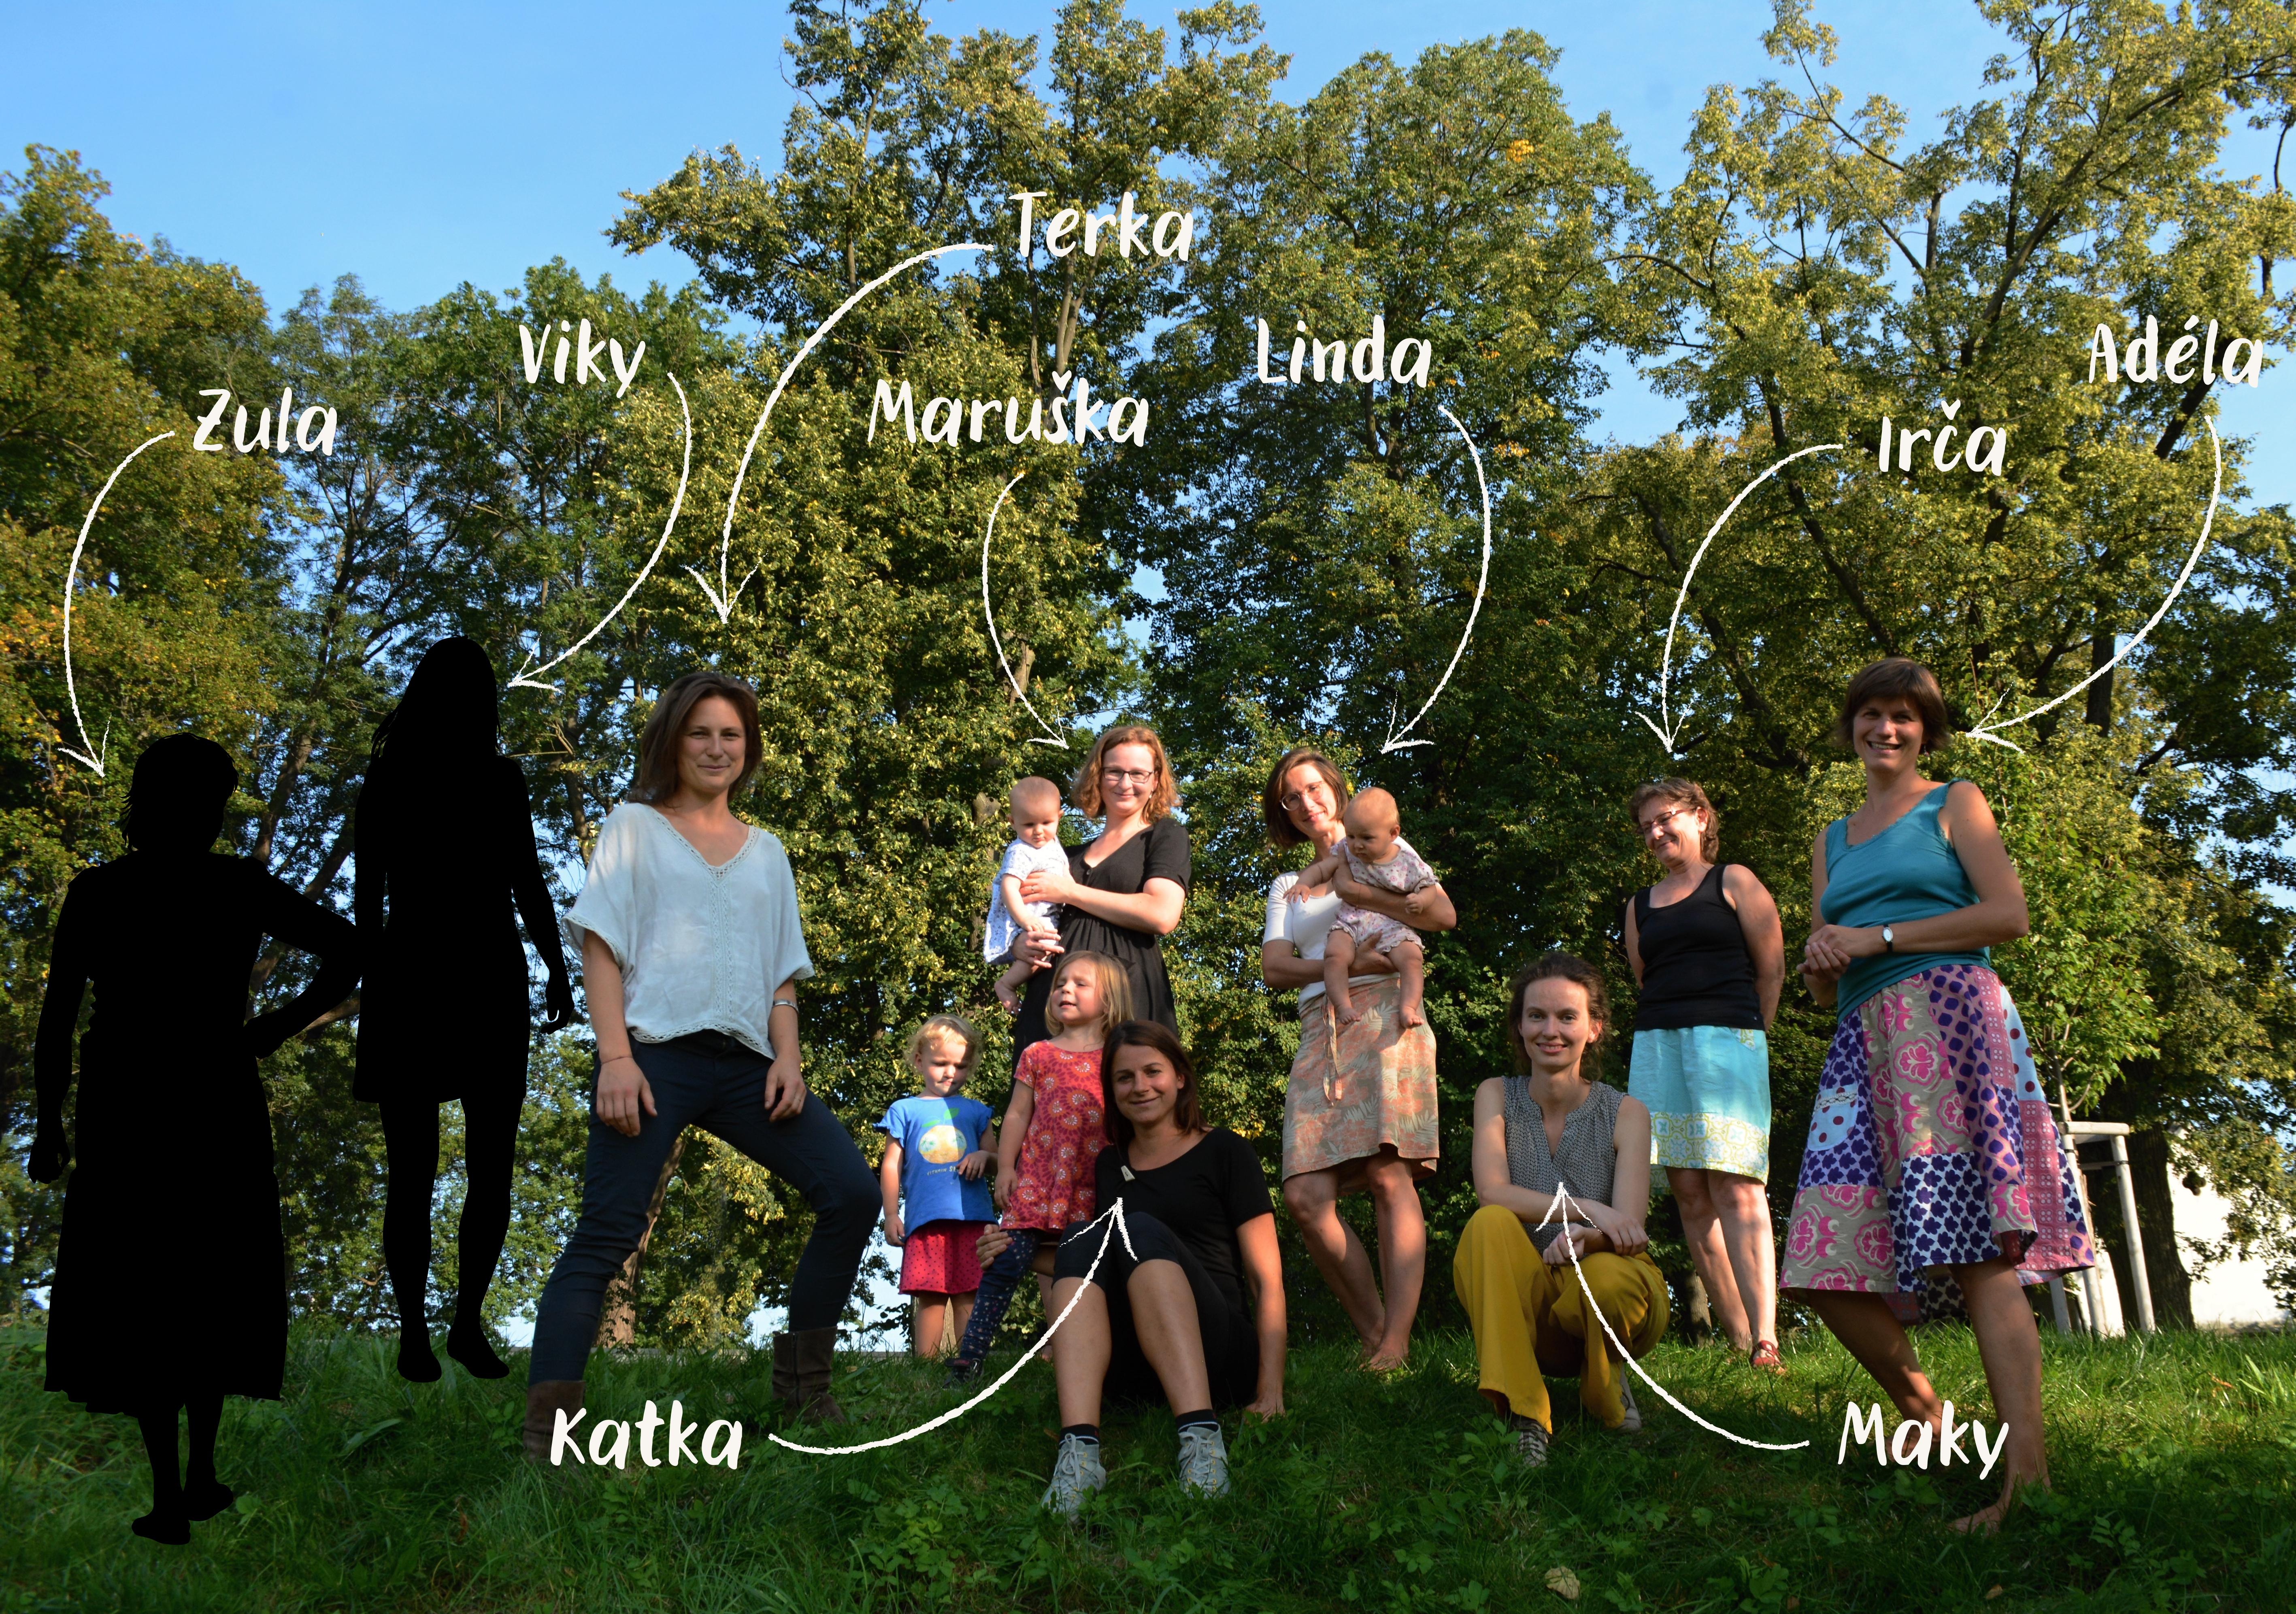 Celý tým Hojnosti a Tišnovské spižírny. Zleva: Zula, Viky, Terka, Maruška, Katka, Linda, Maky, Irča, Adéla.